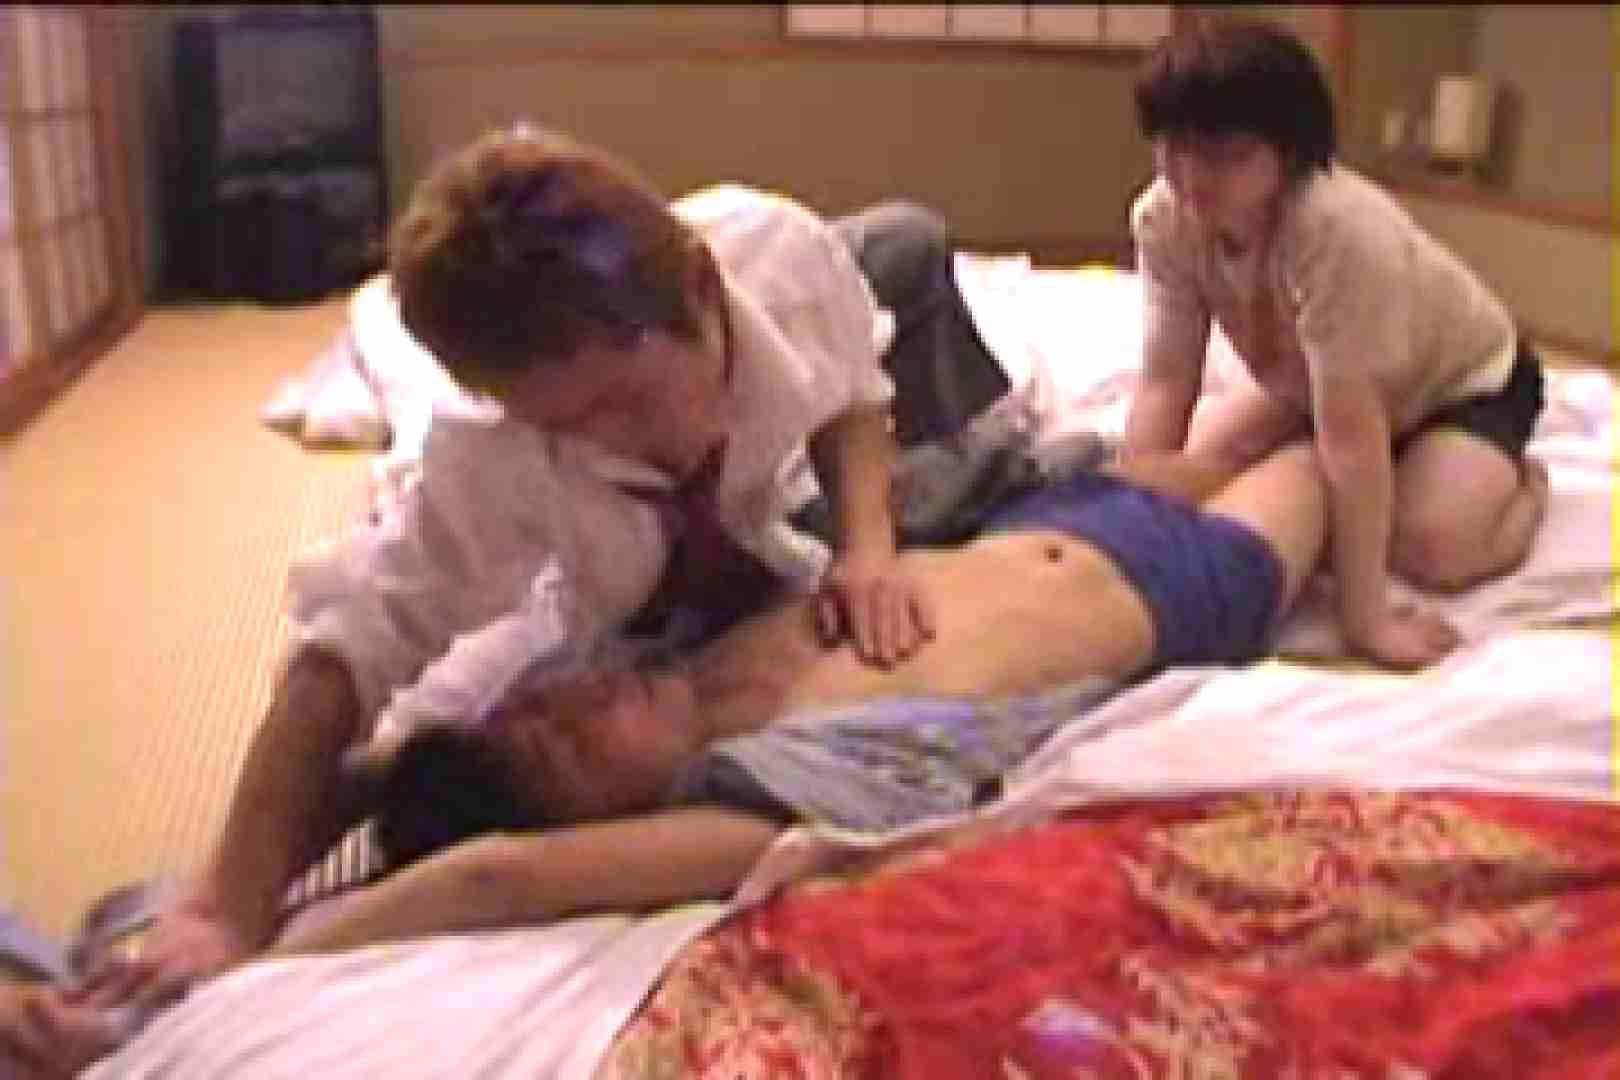 修学旅行でTeachar ファック!!1発目!! ゲイの自慰 ゲイエロビデオ画像 111pic 81